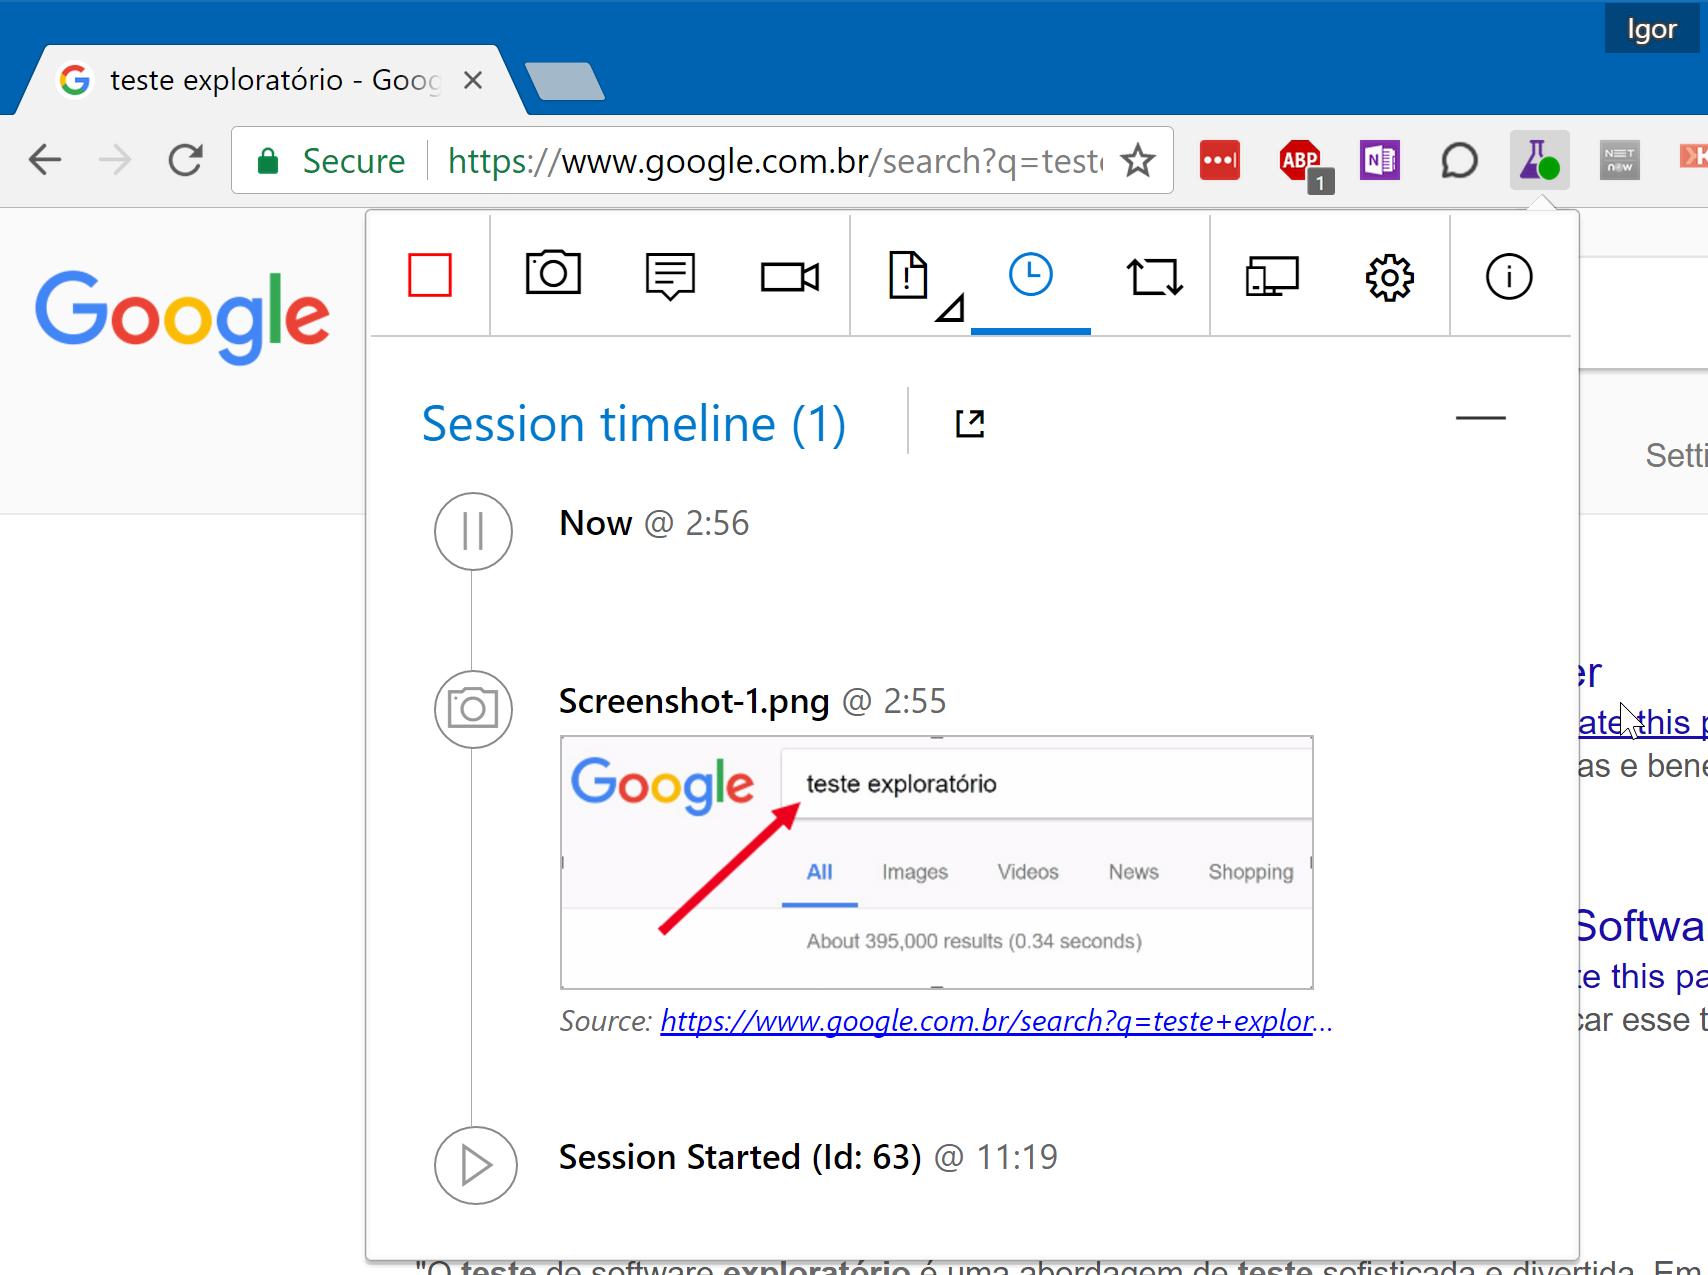 Extensão Test & Feedback para o Google Chrome. Com ela é possível executar testes exploratórios diretamente no browser